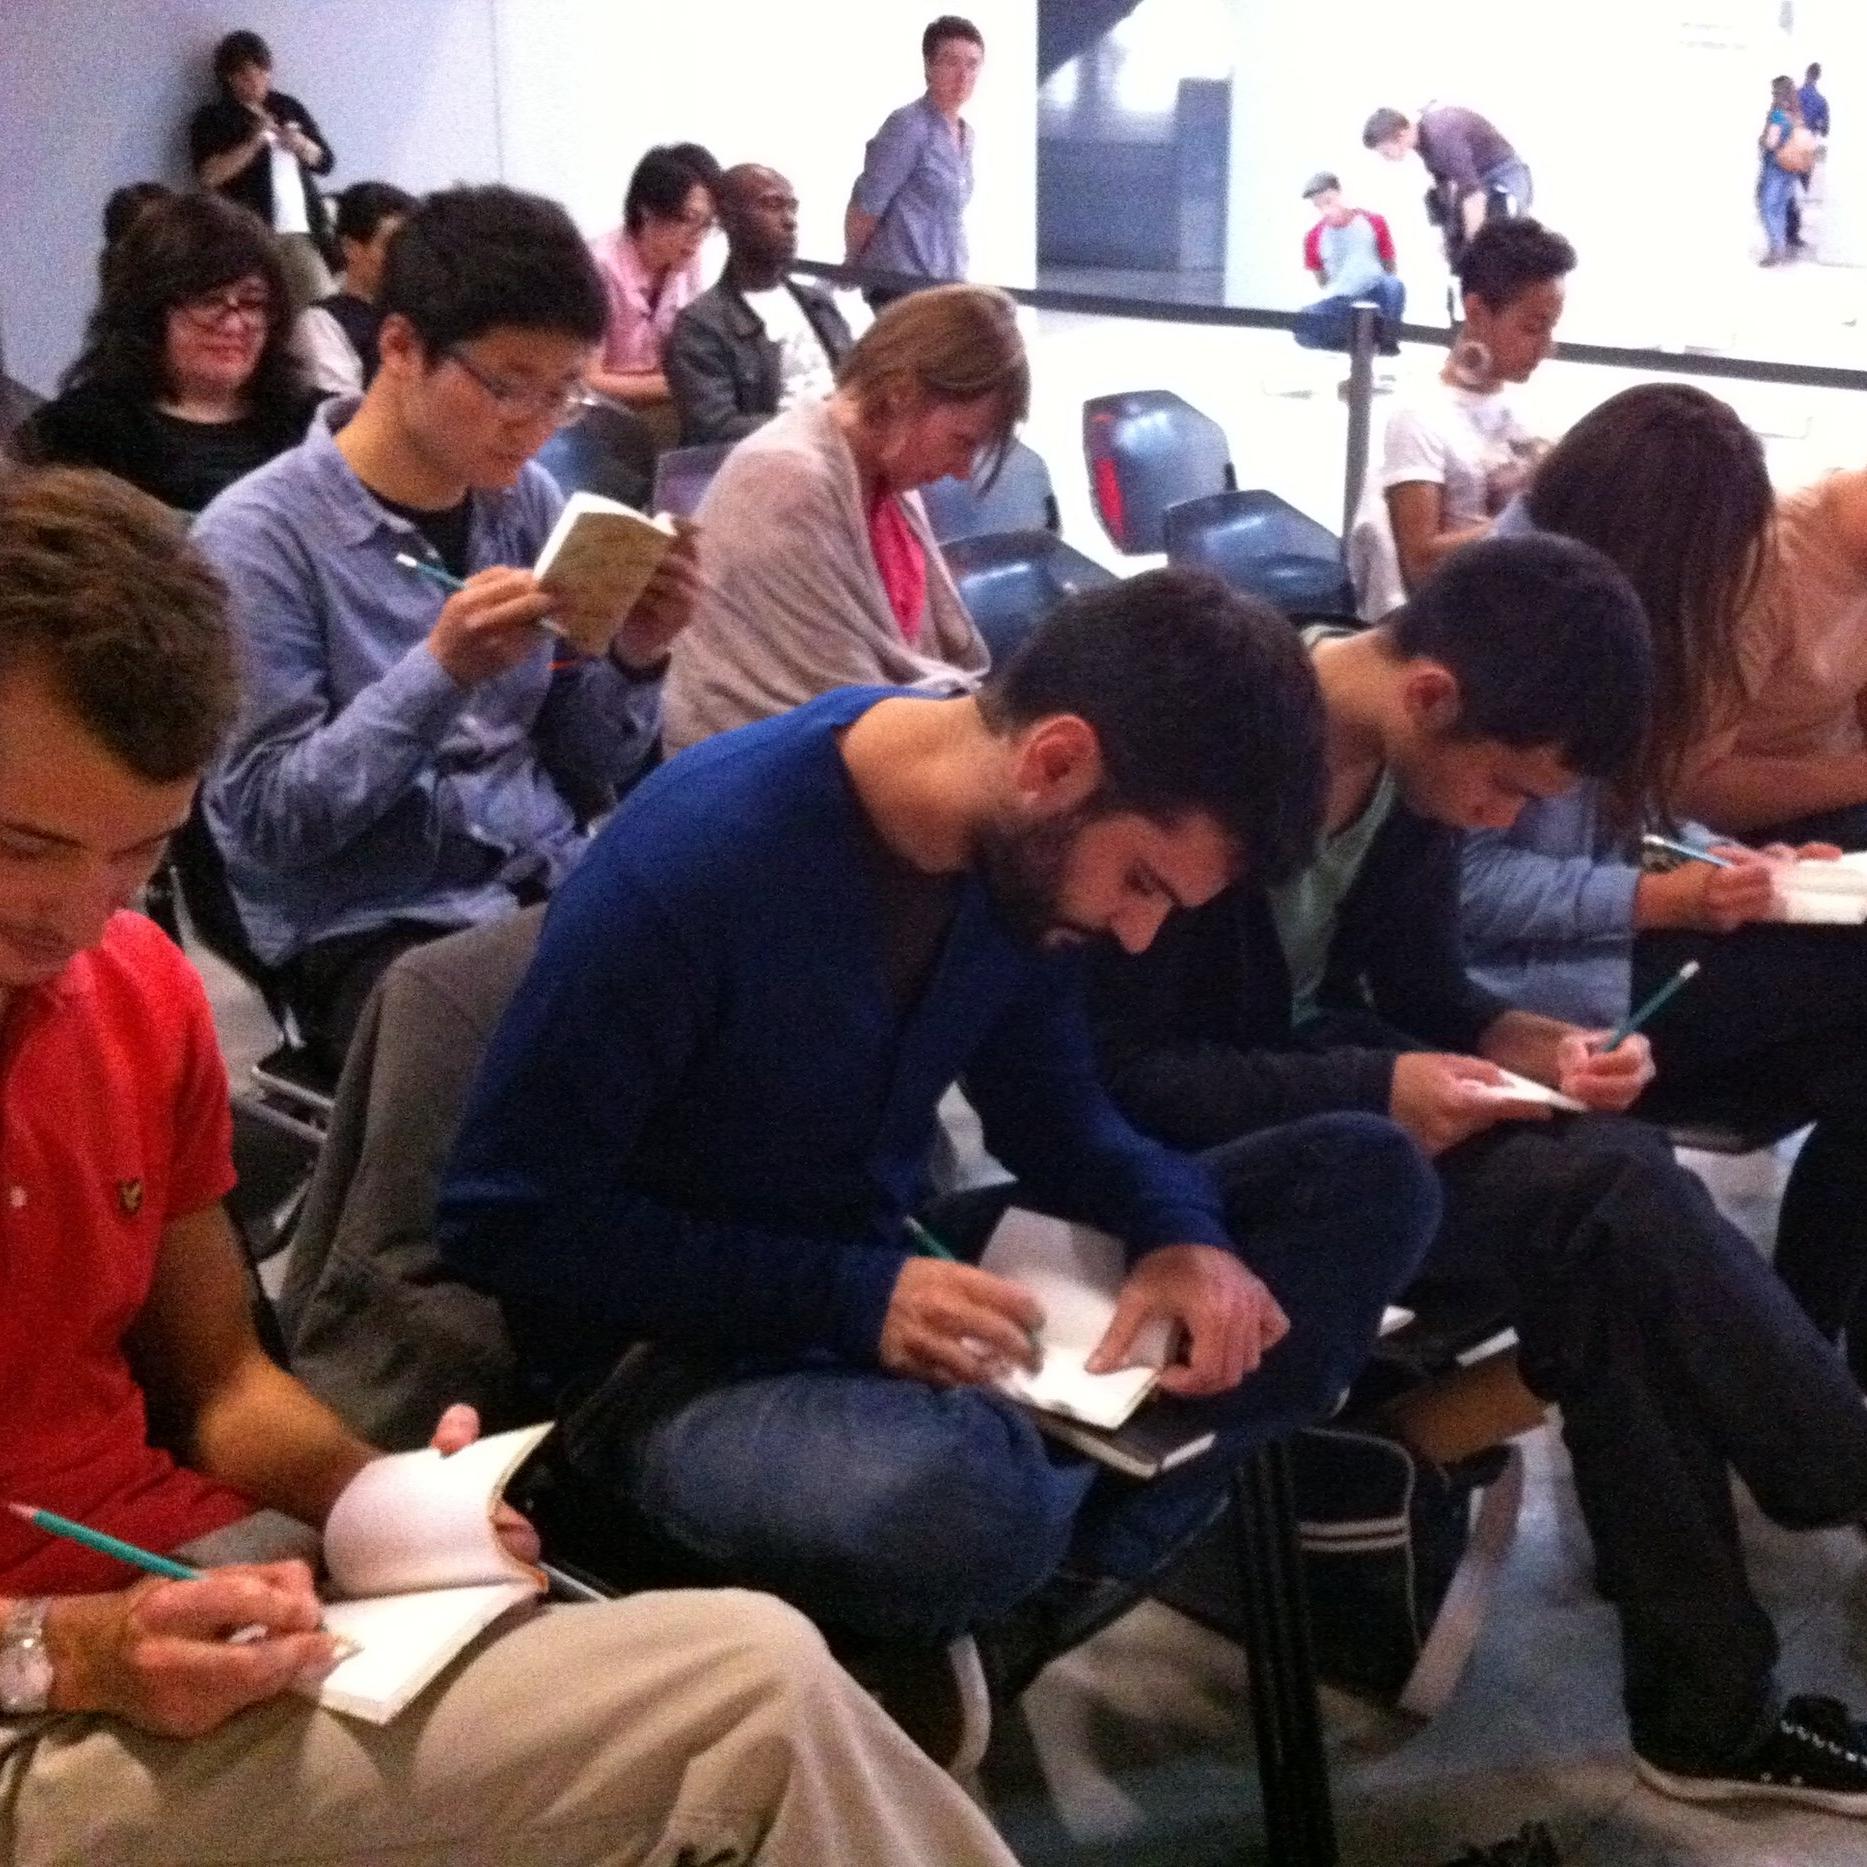 フランス・パリ ポンピドゥーセンターにて   パラパラアニメーション制作ワークショップ